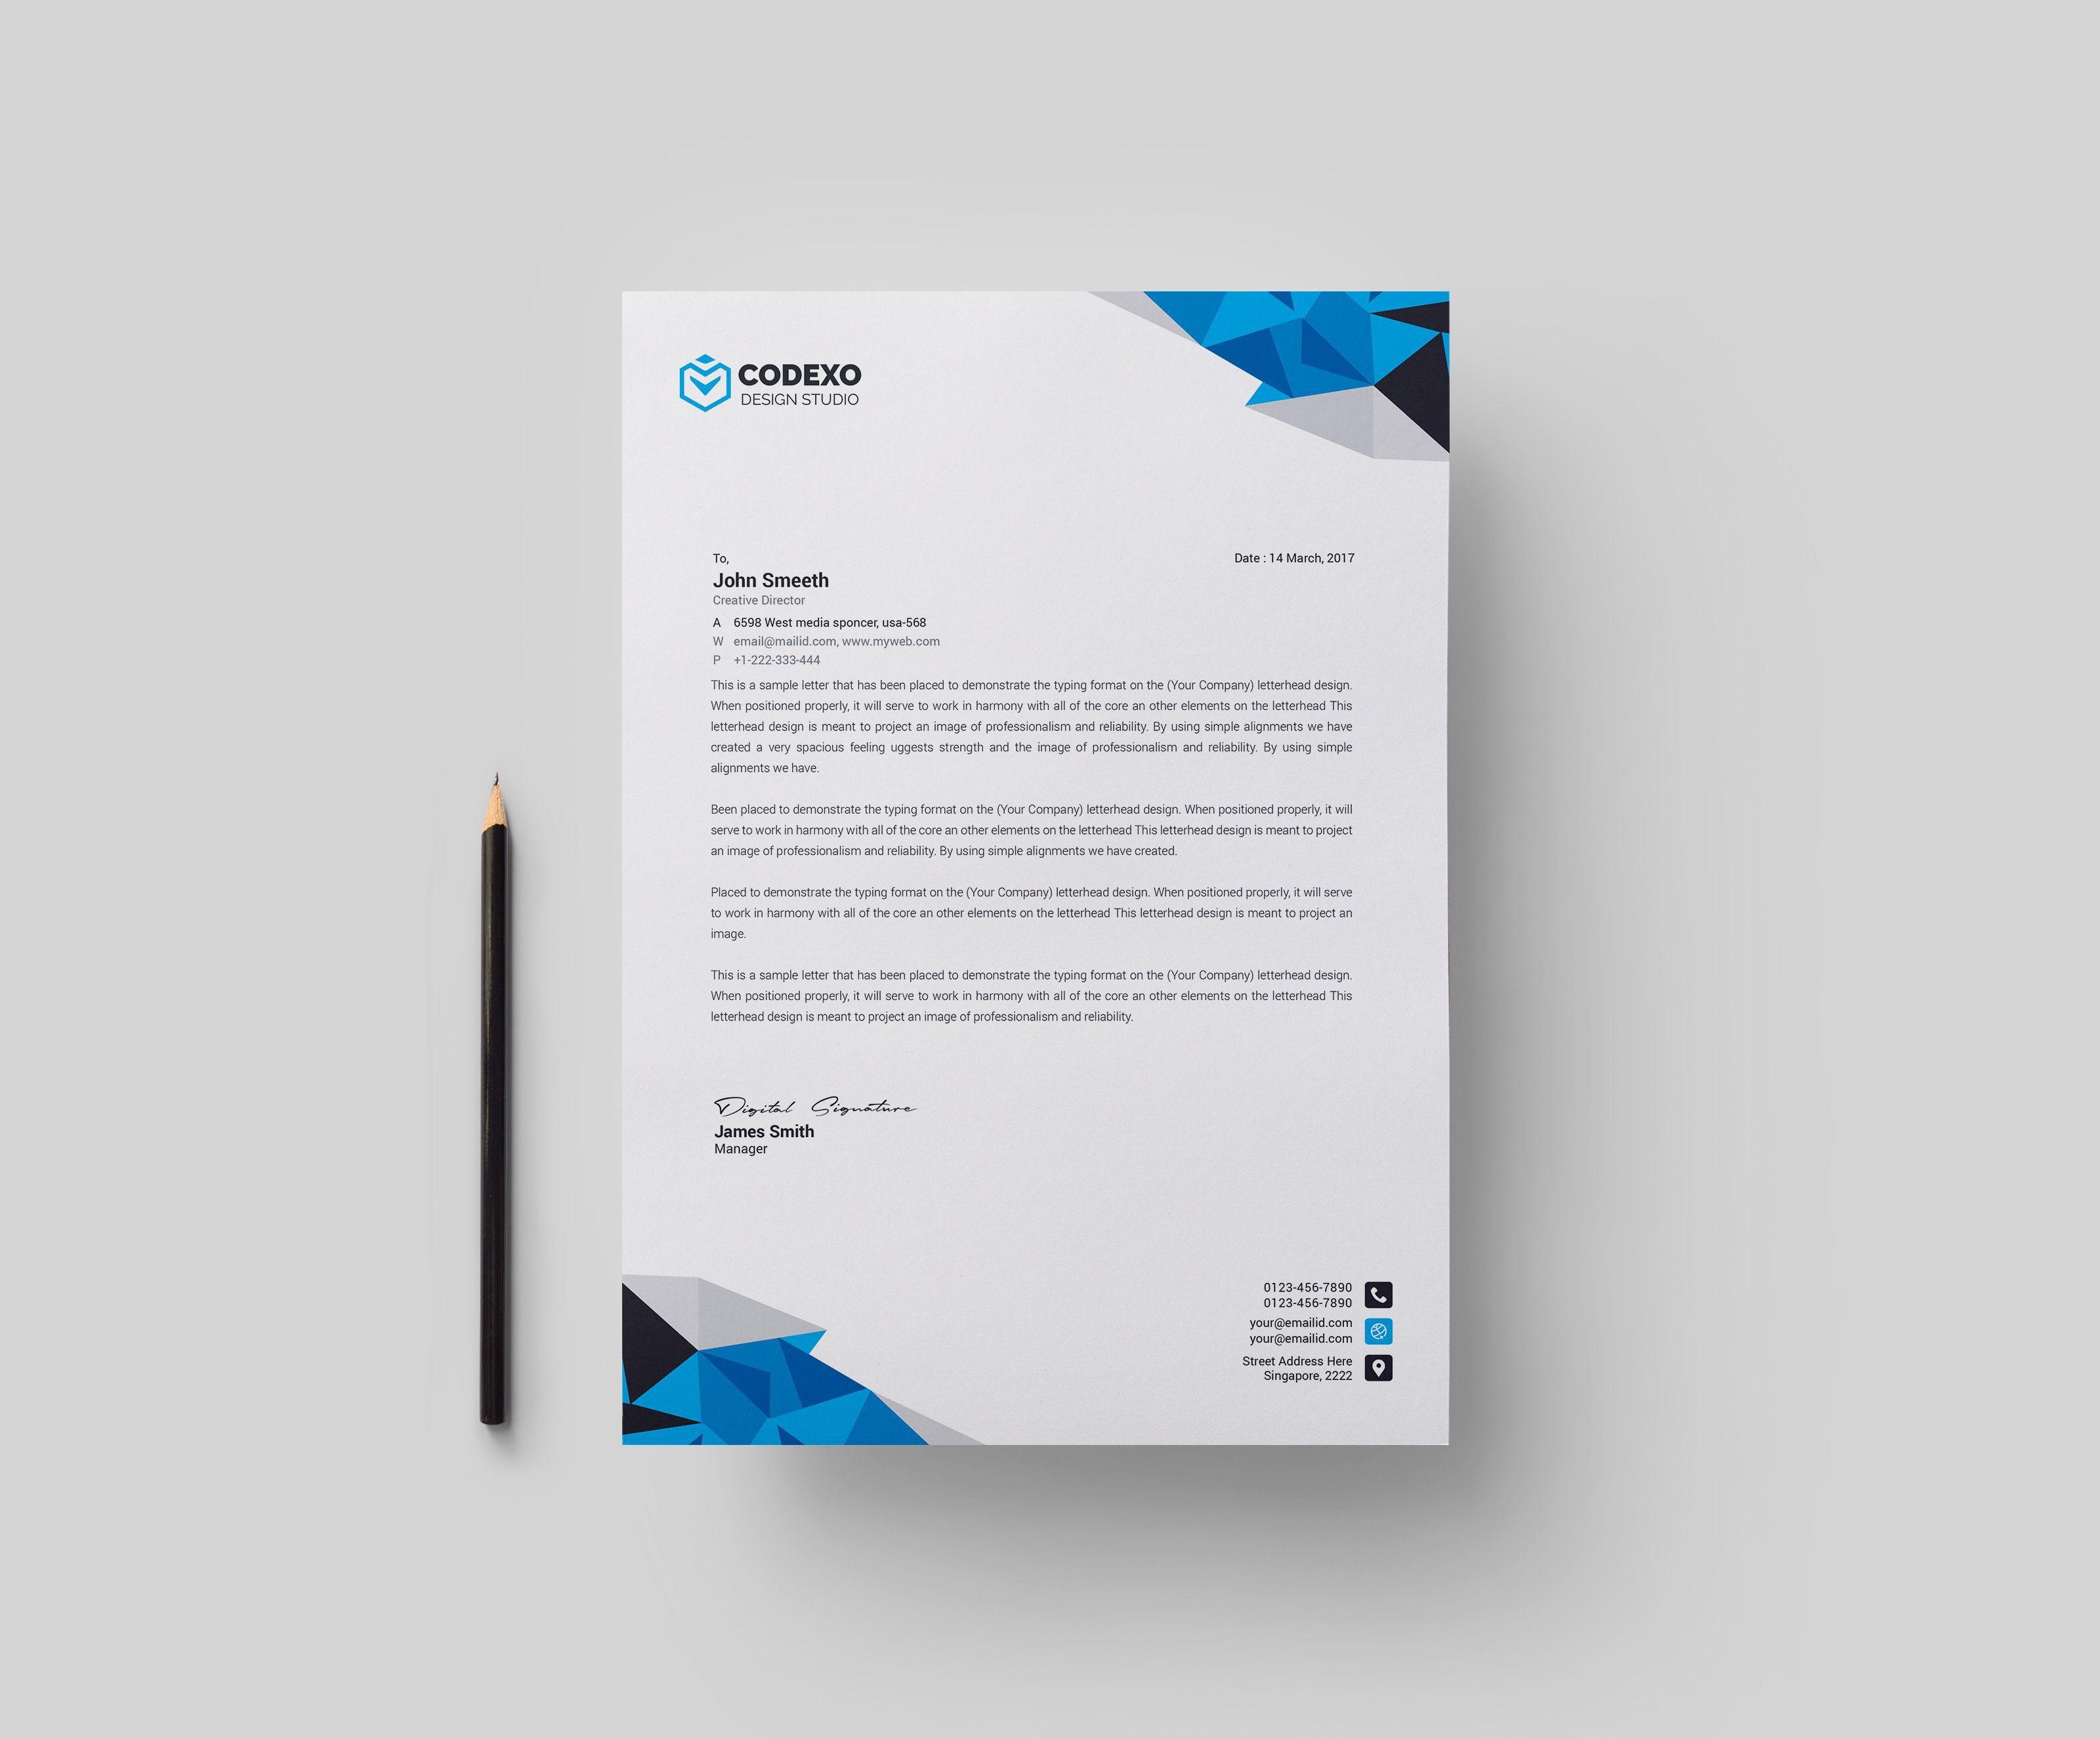 002 Impressive Letterhead Template Free Download Ai Picture  FileFull